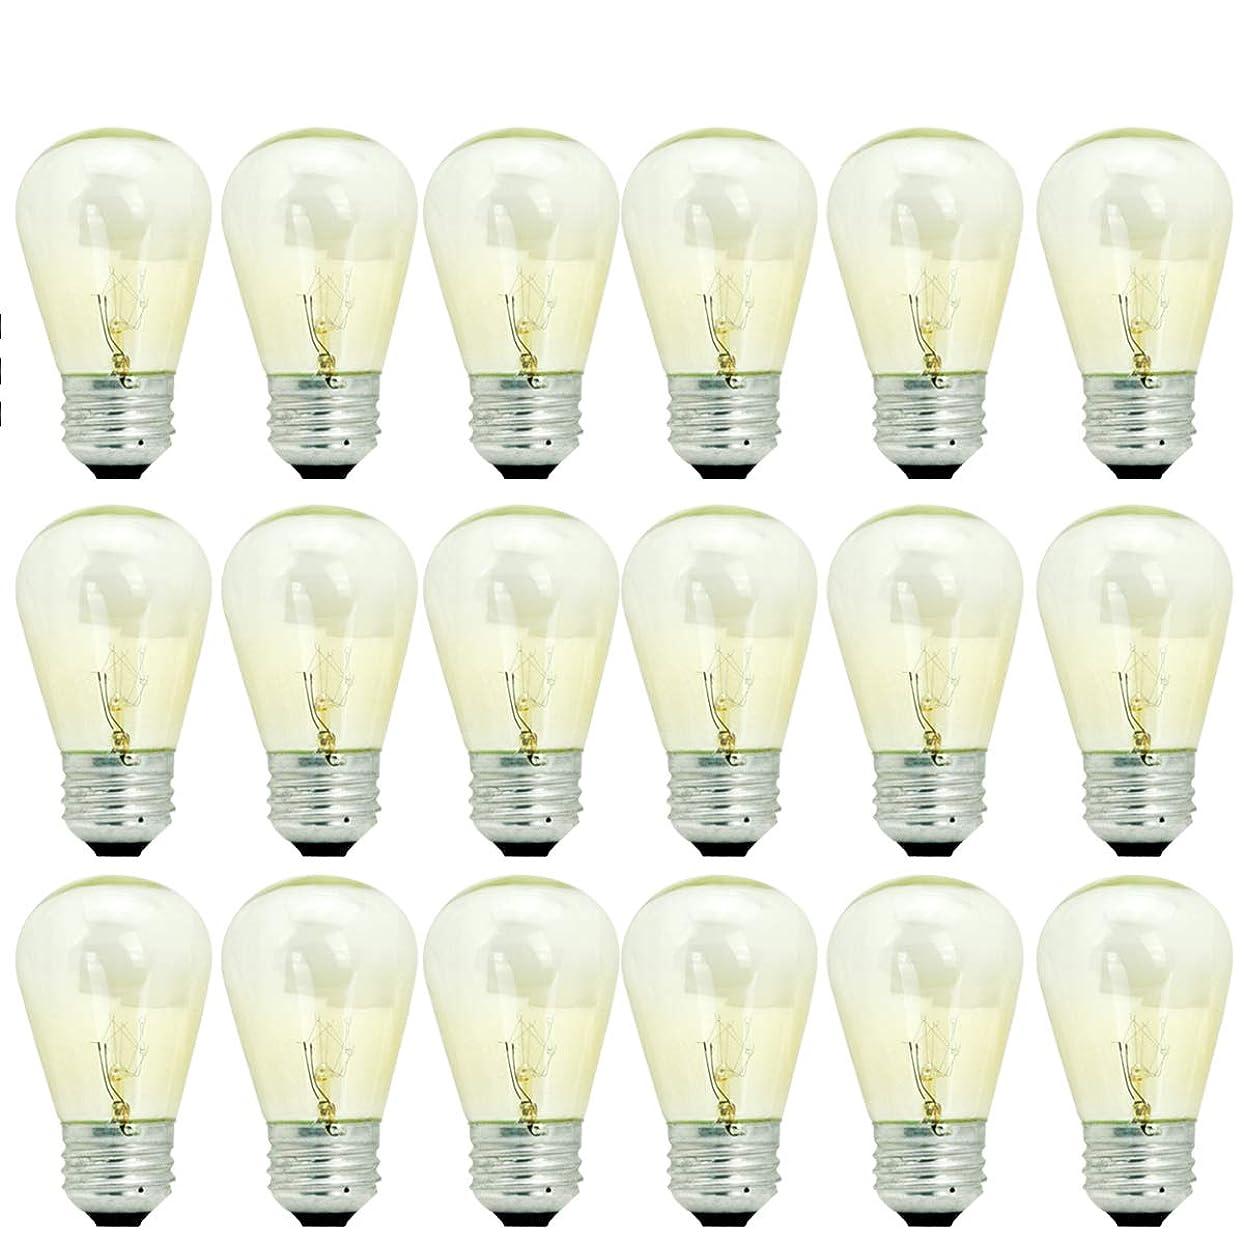 導入する導入する日常的にBRTLX E26口金 11W 電球色2700K 18個 エジソンランプ フィラメント電球 エジソン バルブ ガラスクリア電球 ストリングライト (フィラメント電球18p)